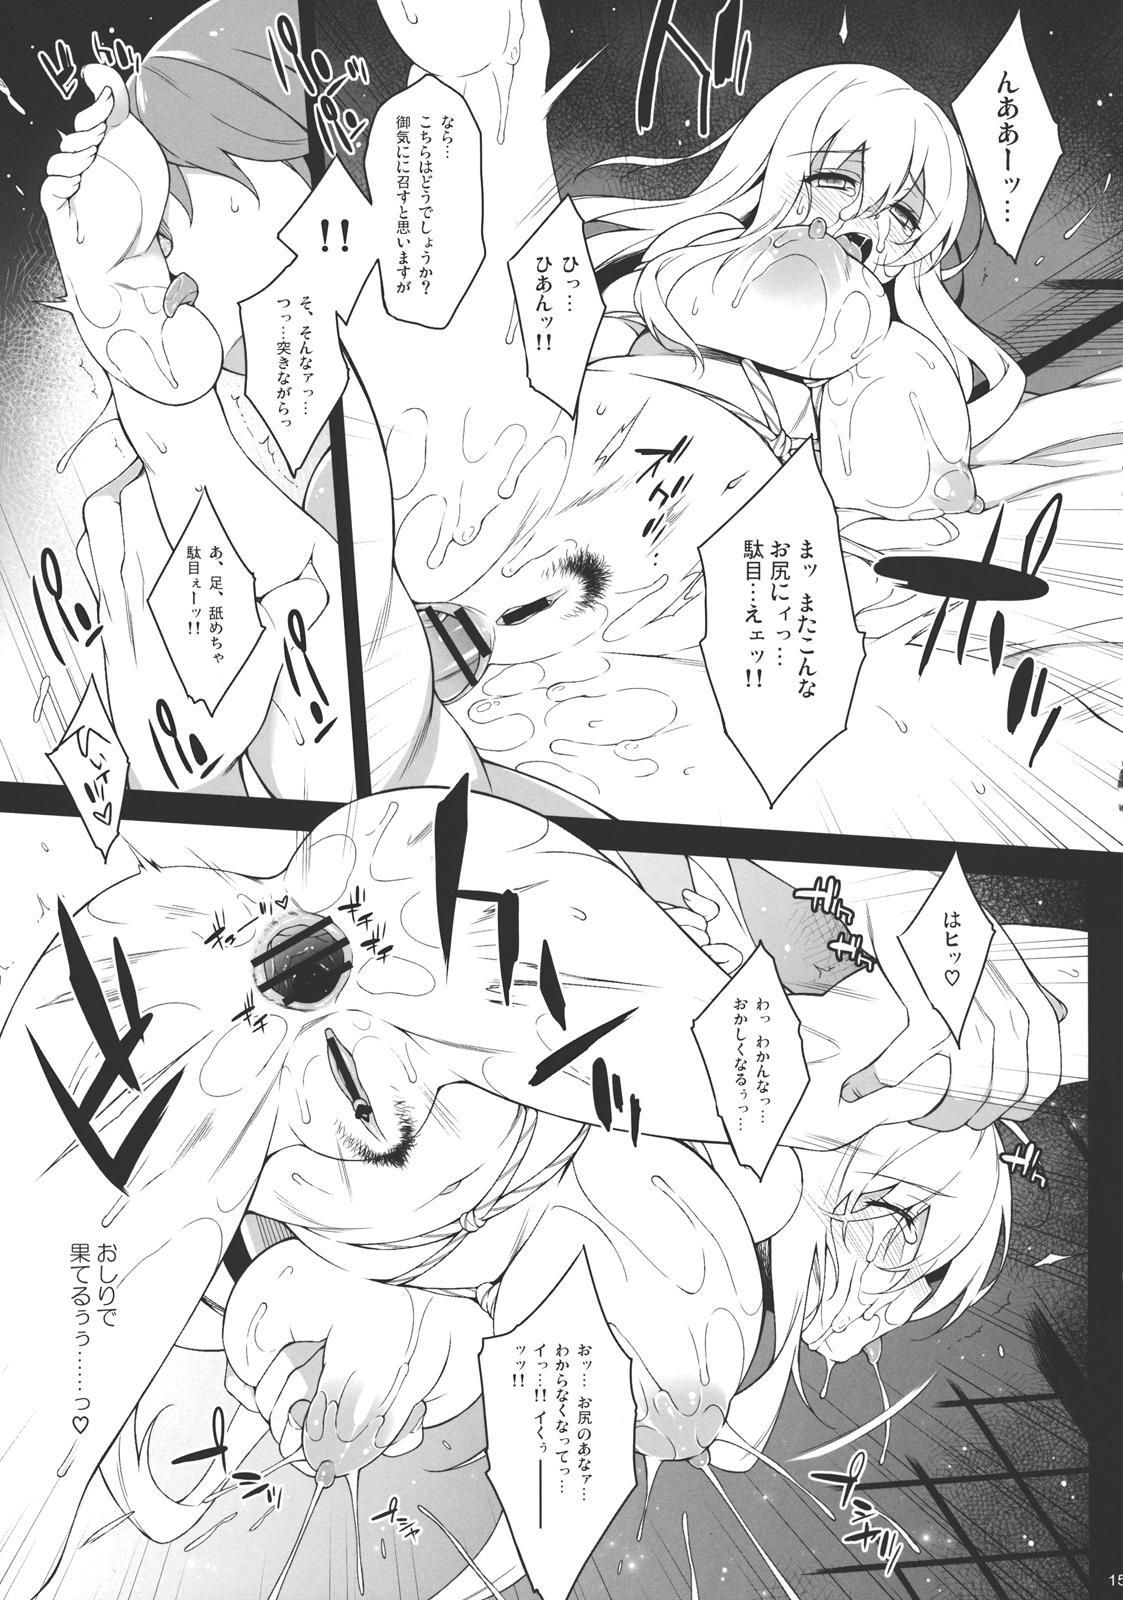 Inori no Niji 13